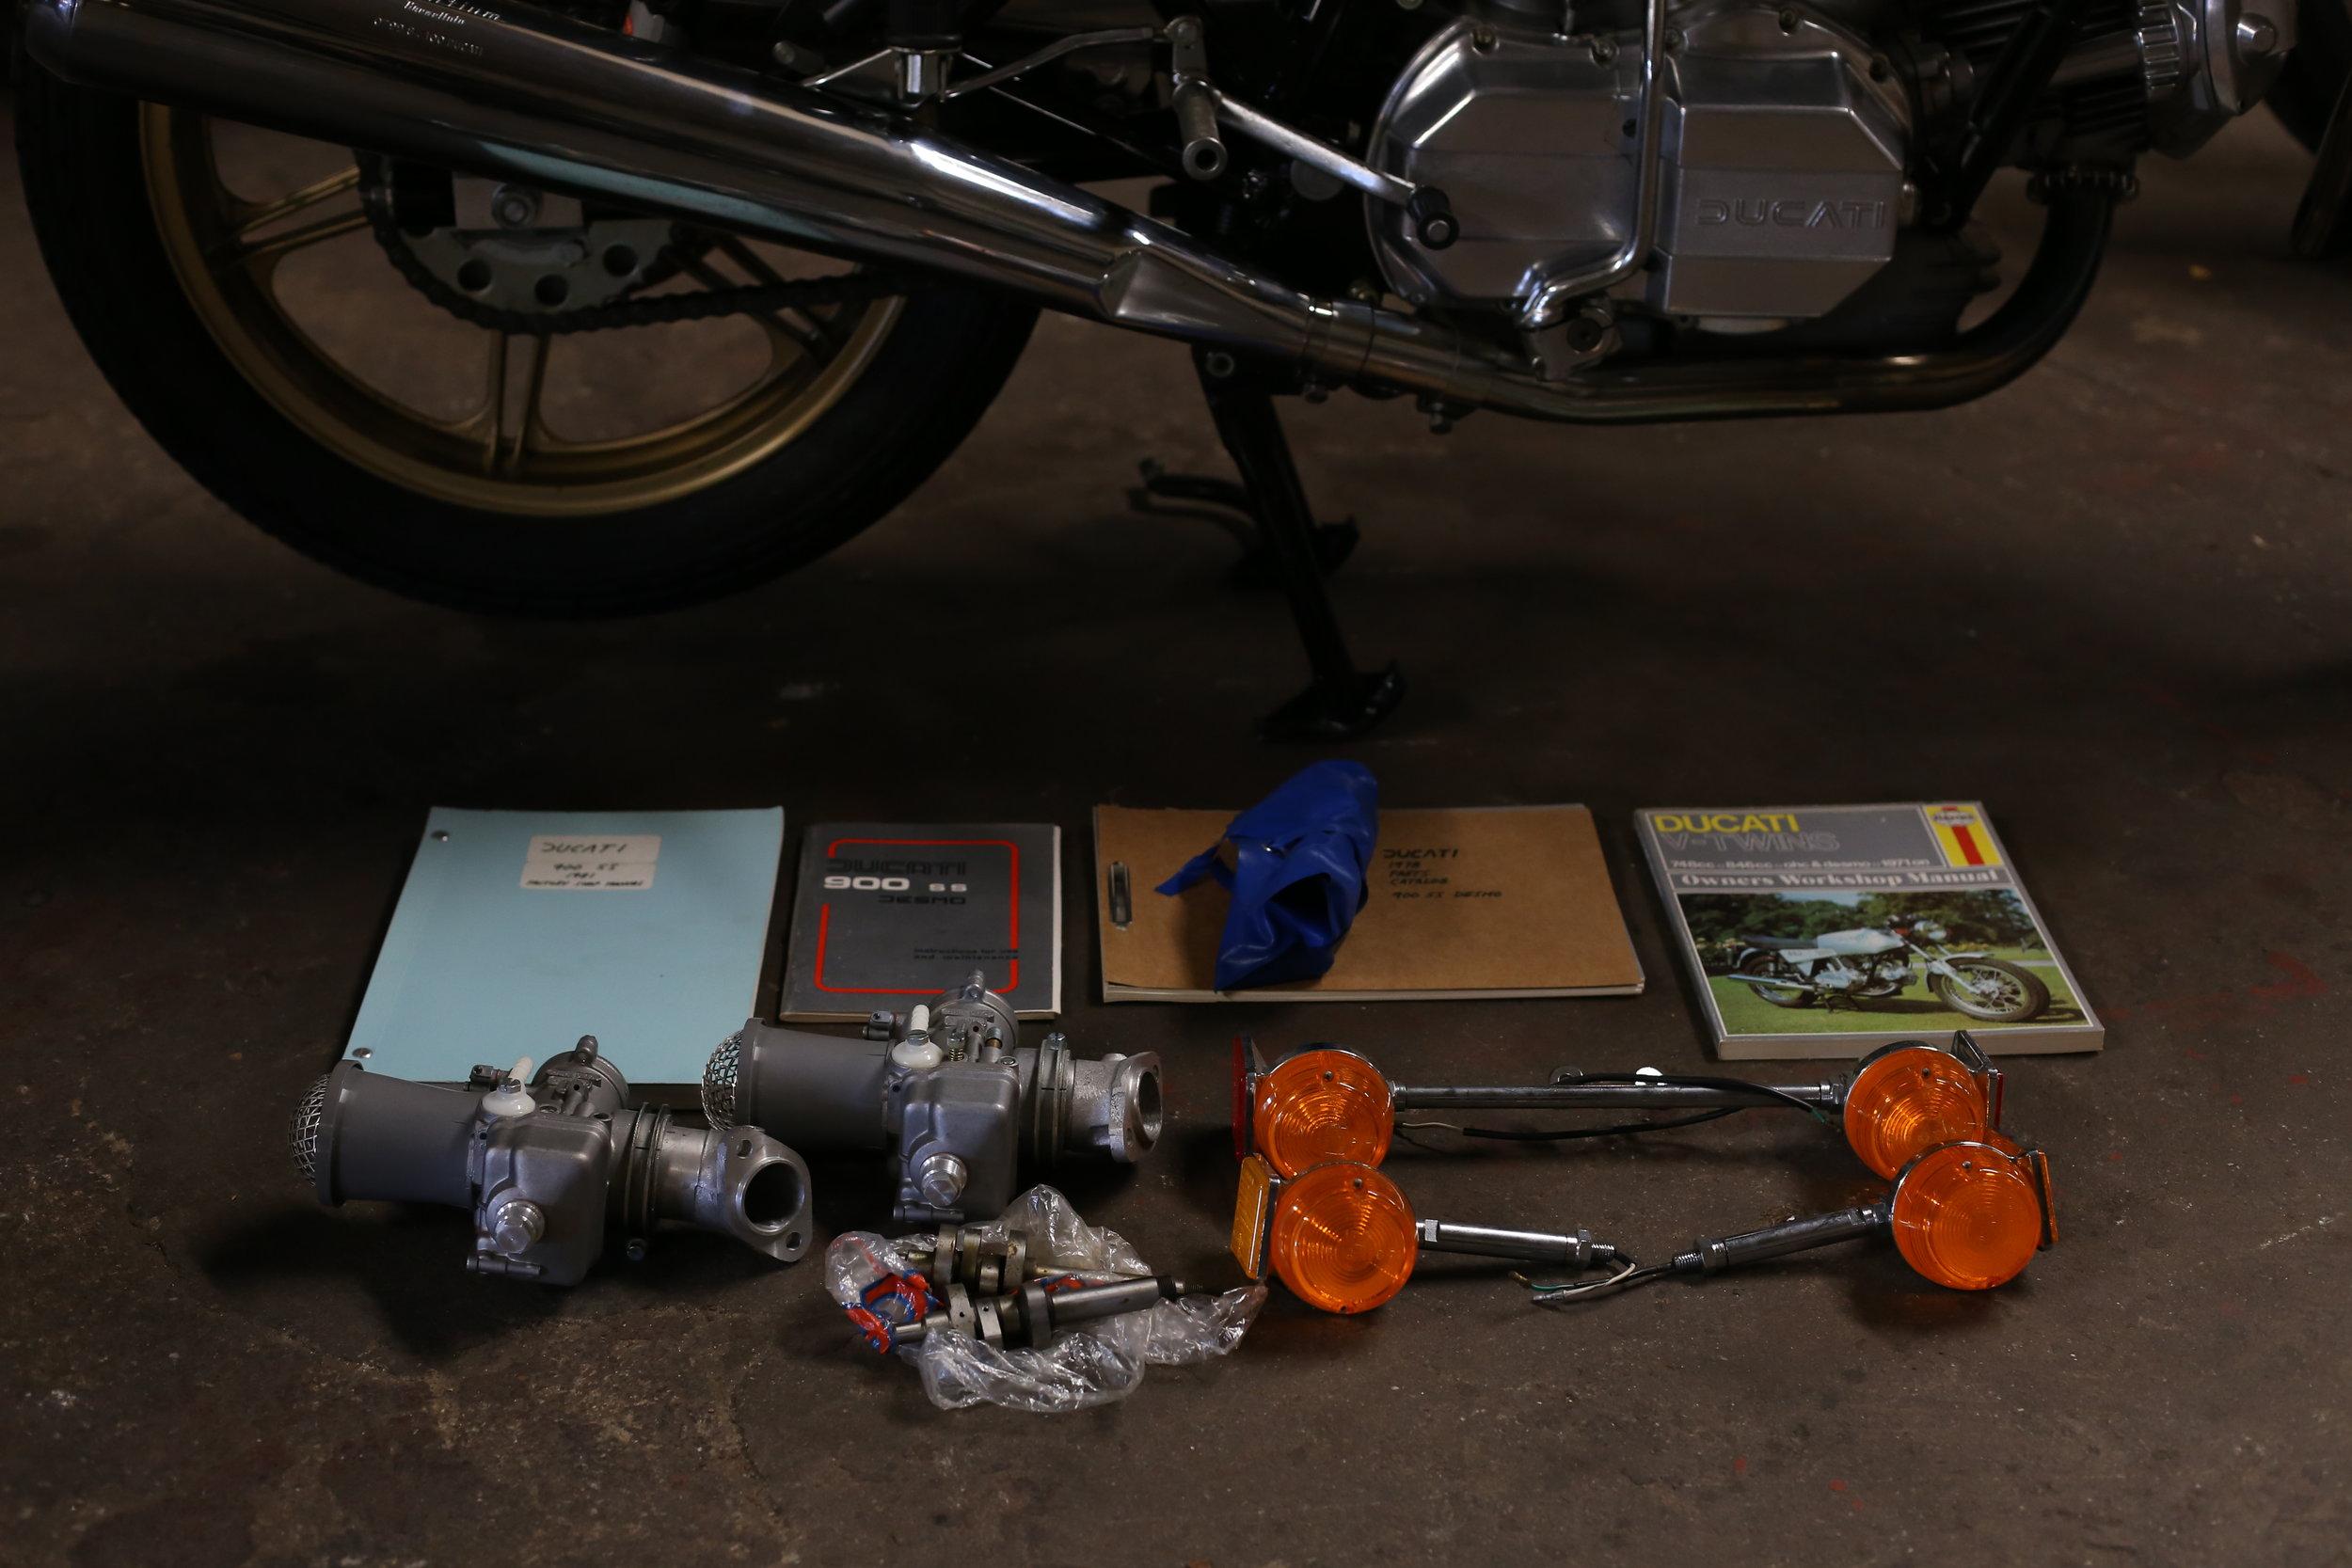 1981 Ducati 900SS 40mm Dellorto carbs